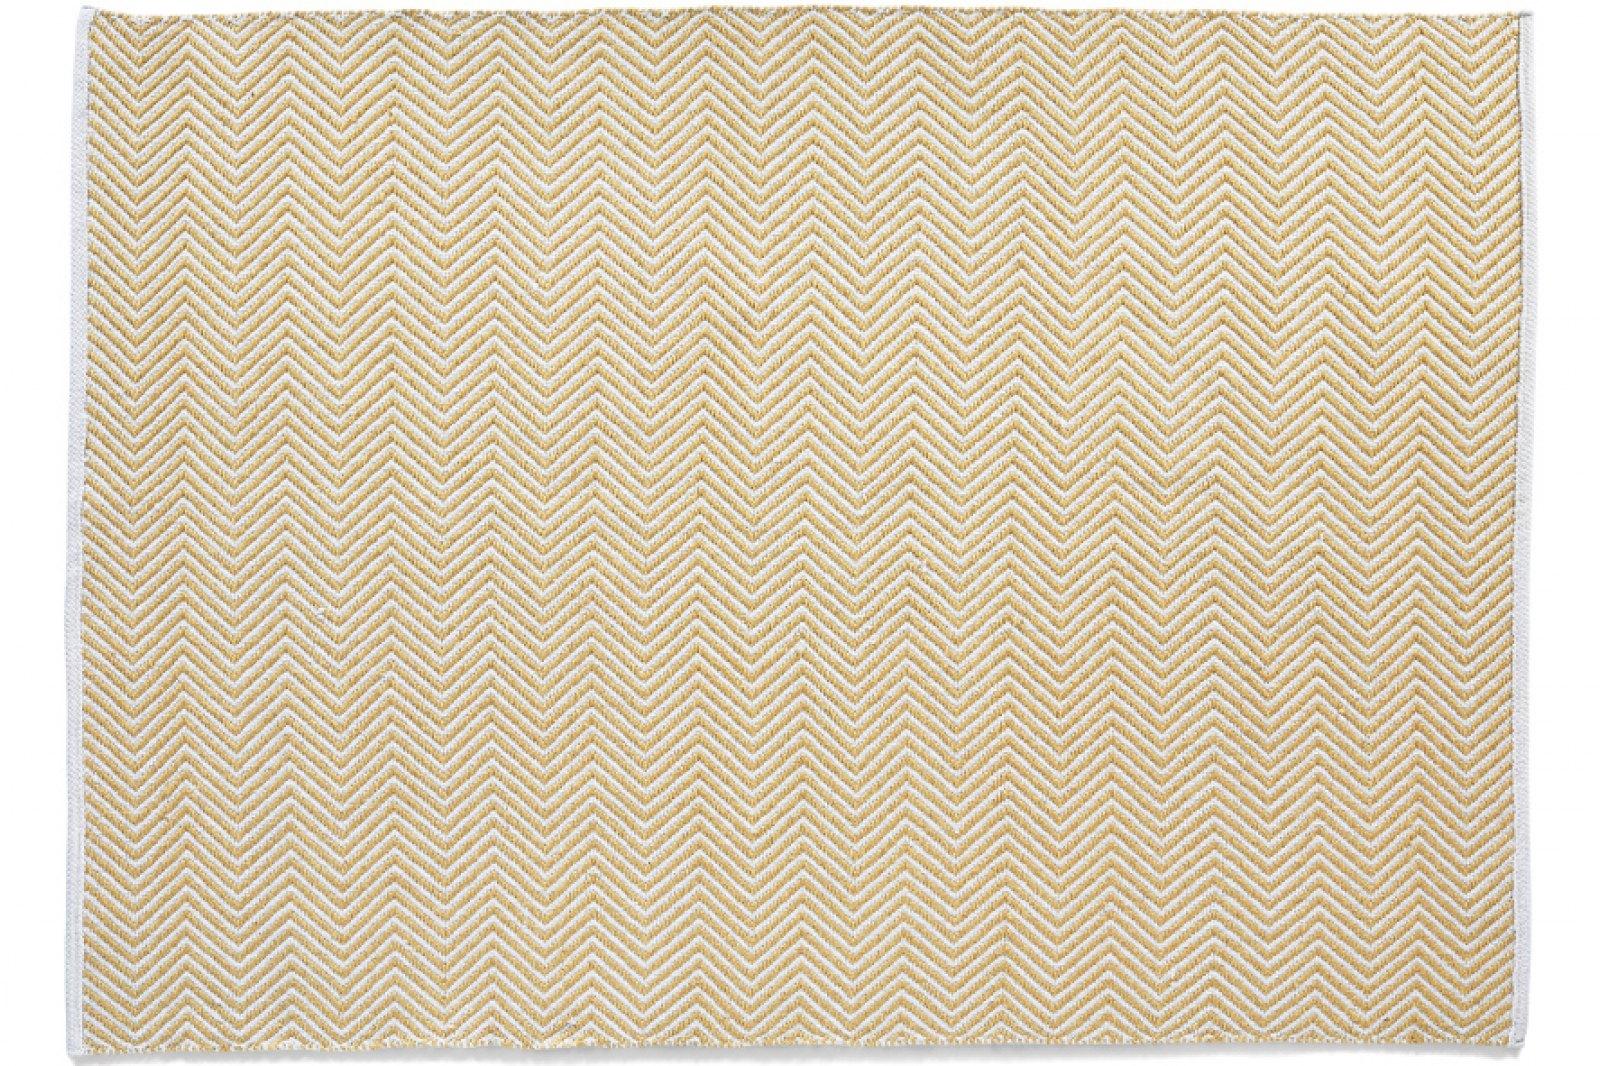 Herringbone Reversible Rug 80 x 150cm / 1